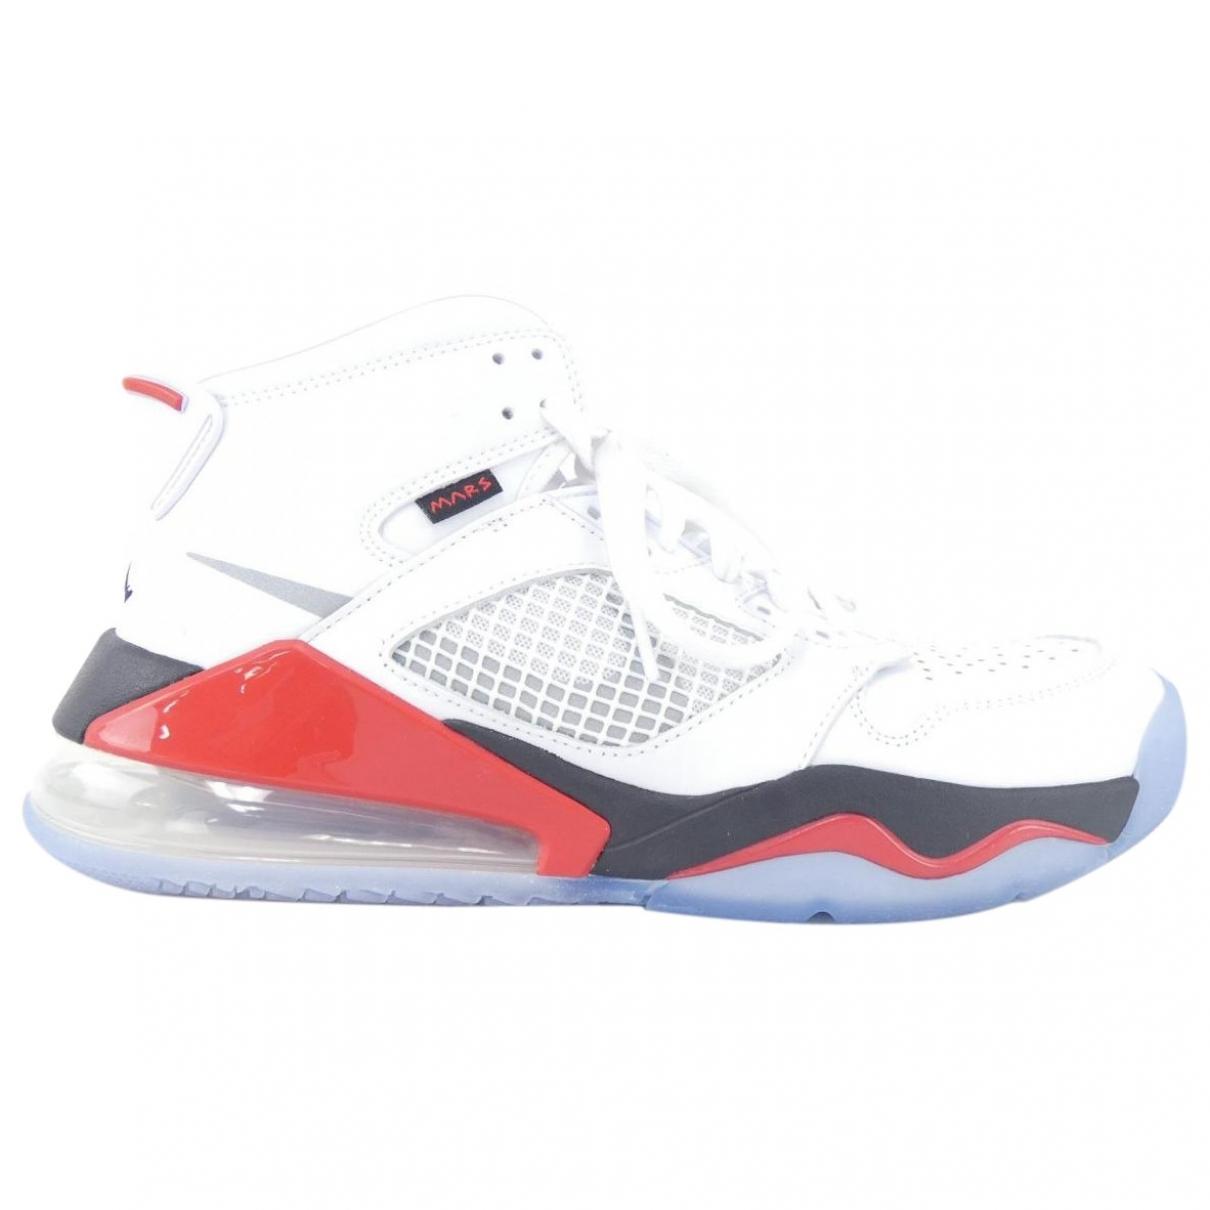 Jordan - Baskets   pour homme en toile - blanc